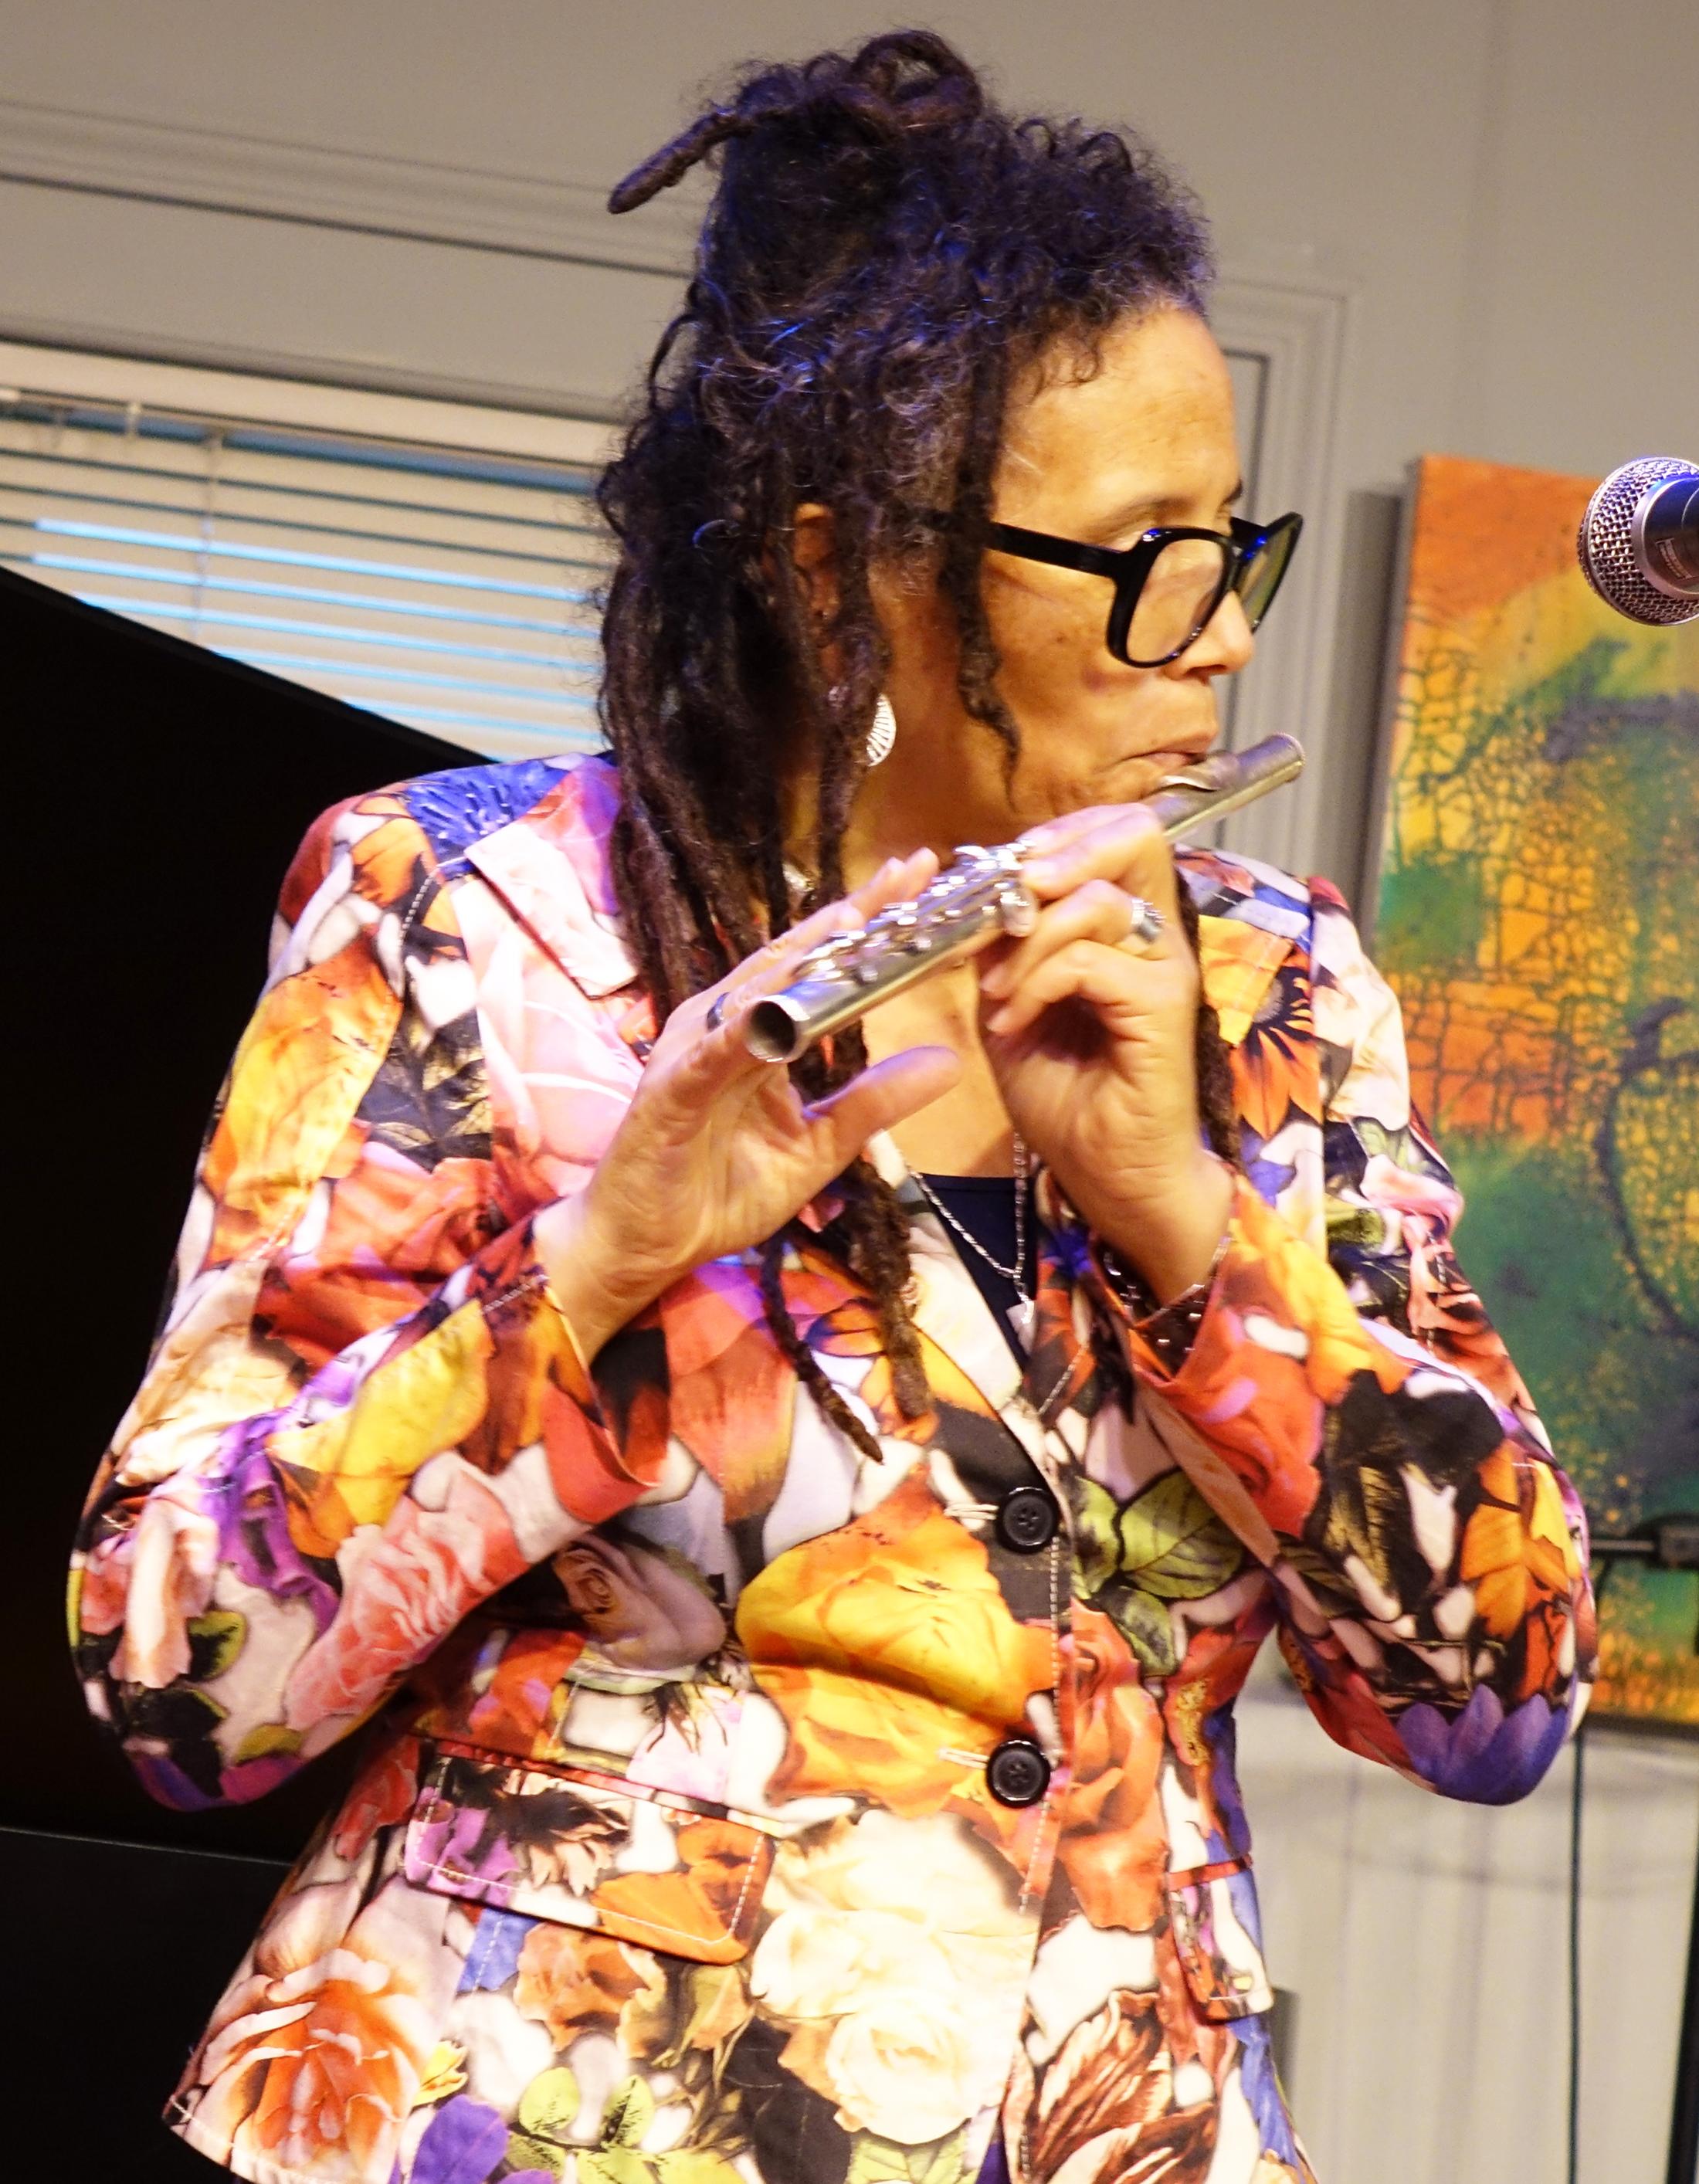 Nicole Mitchell at Edgefest 2018